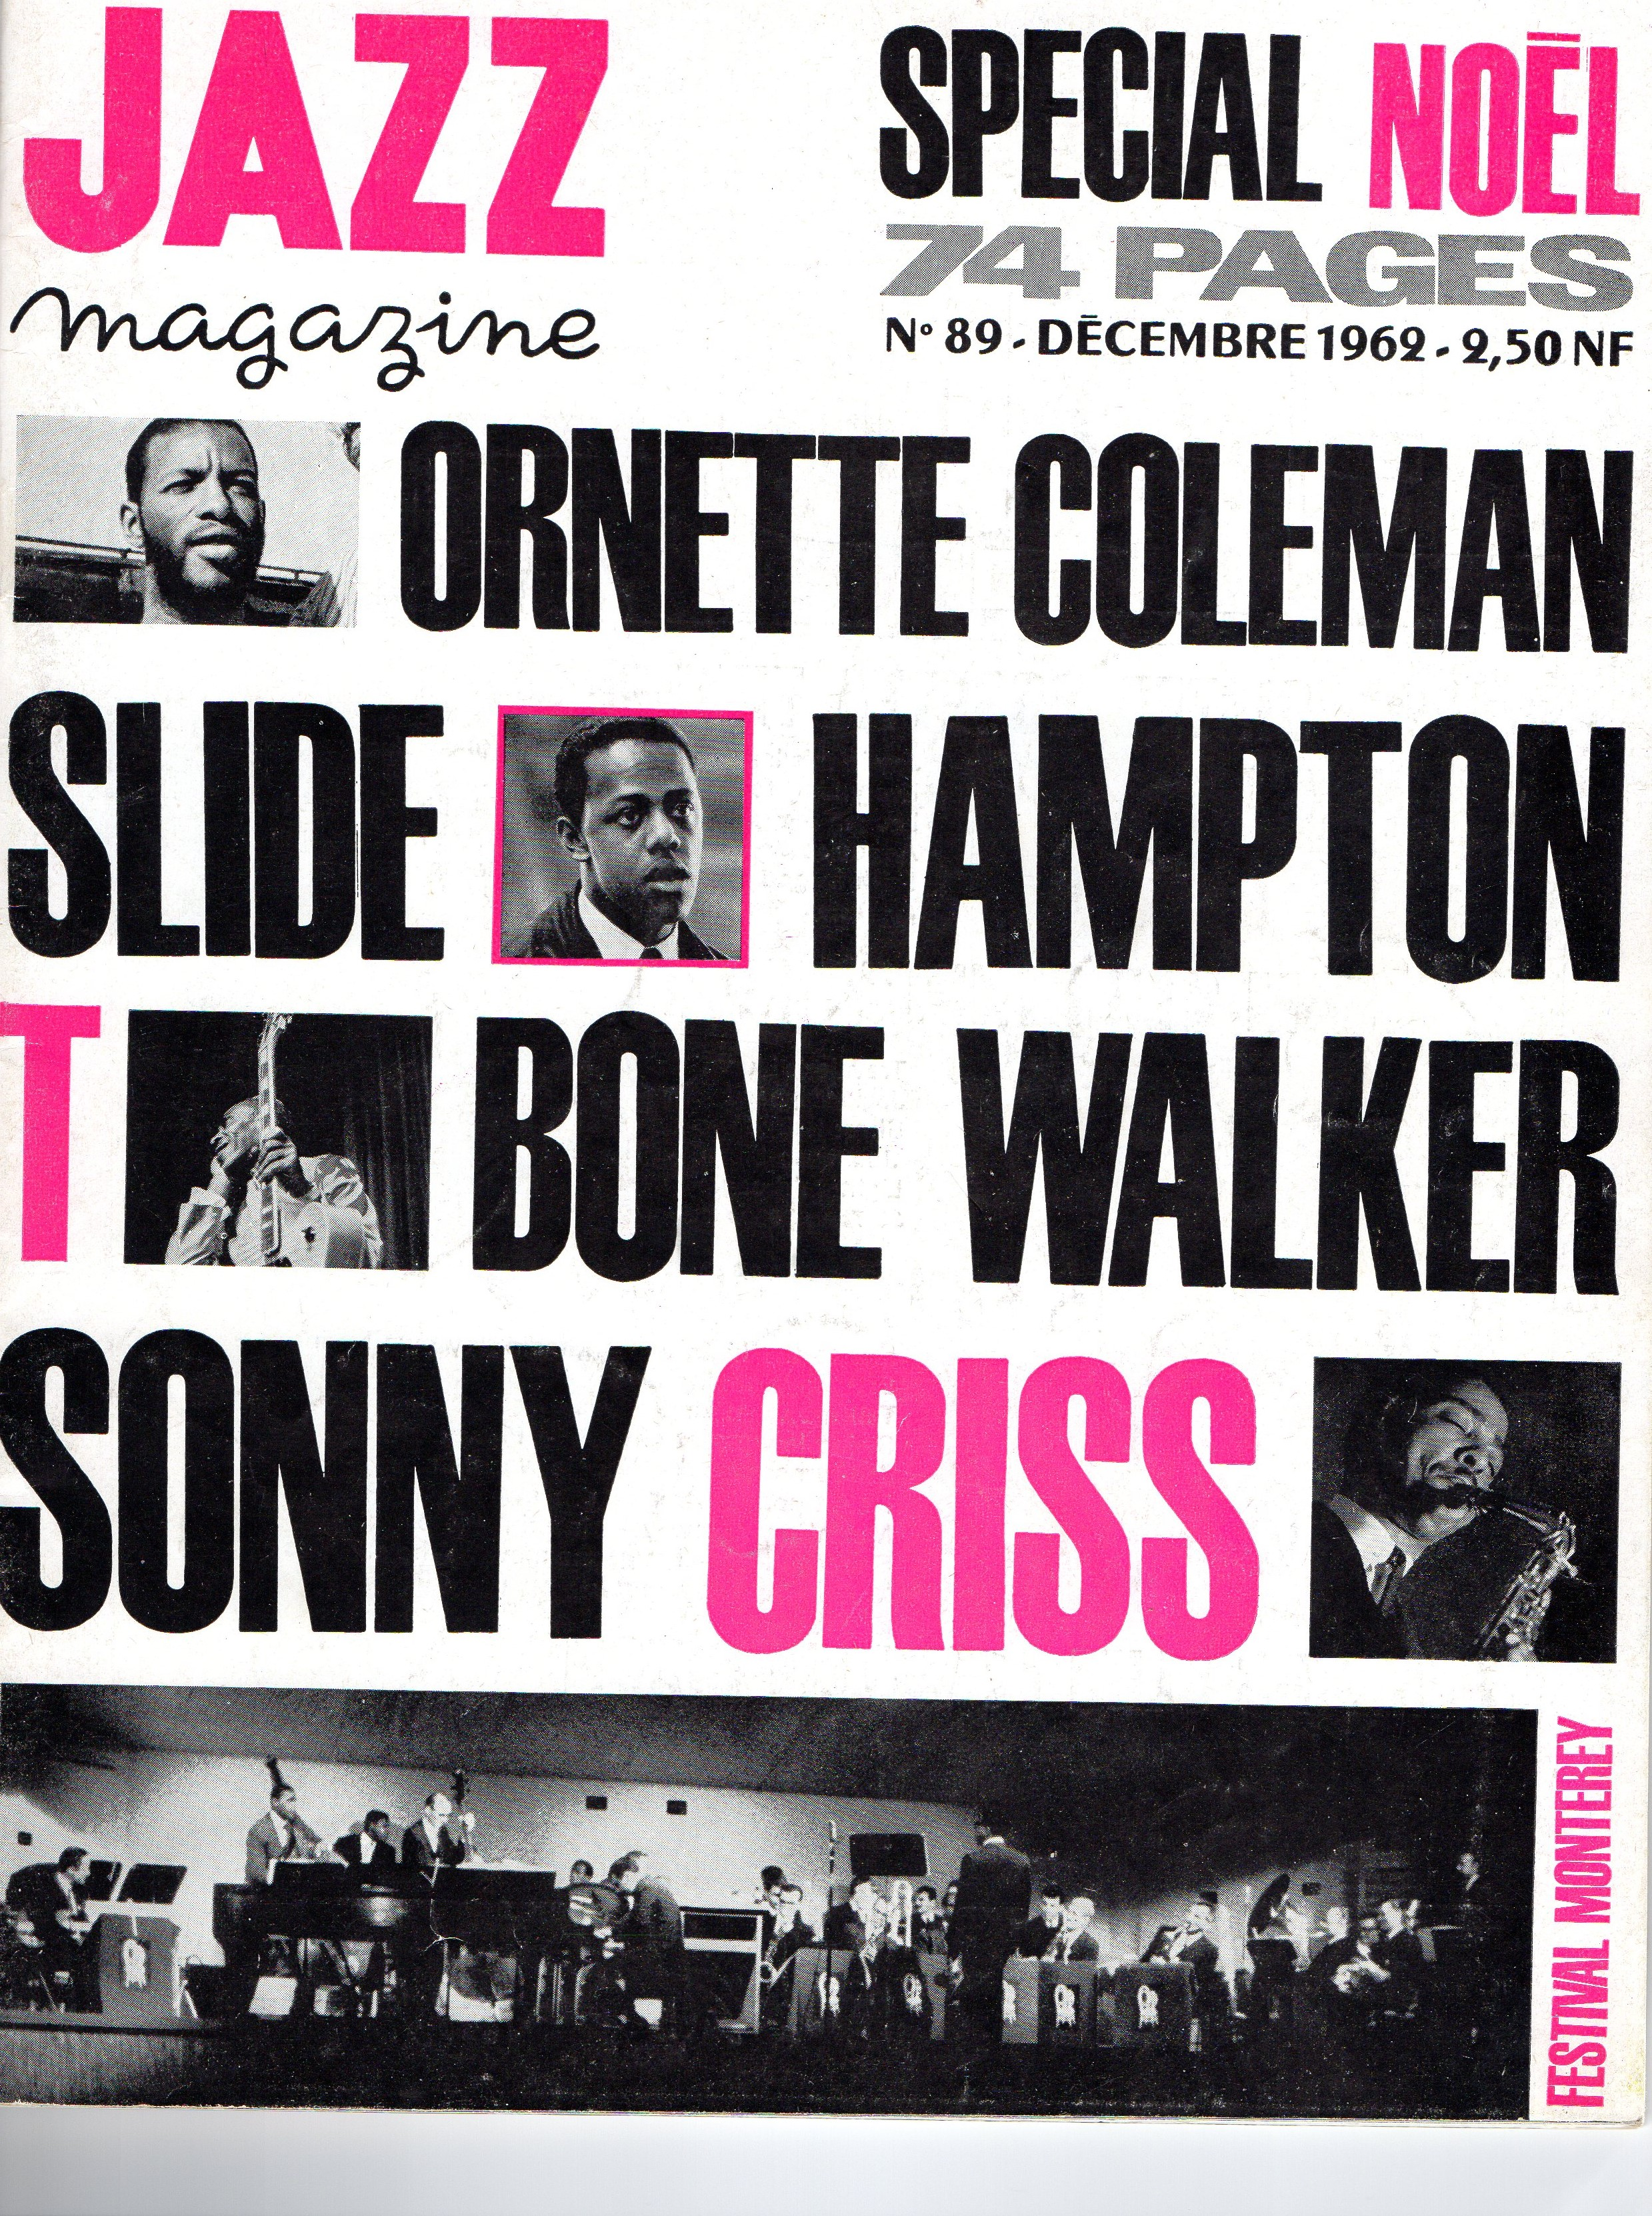 première page de Jazz mag n° 89 de décembre 1962